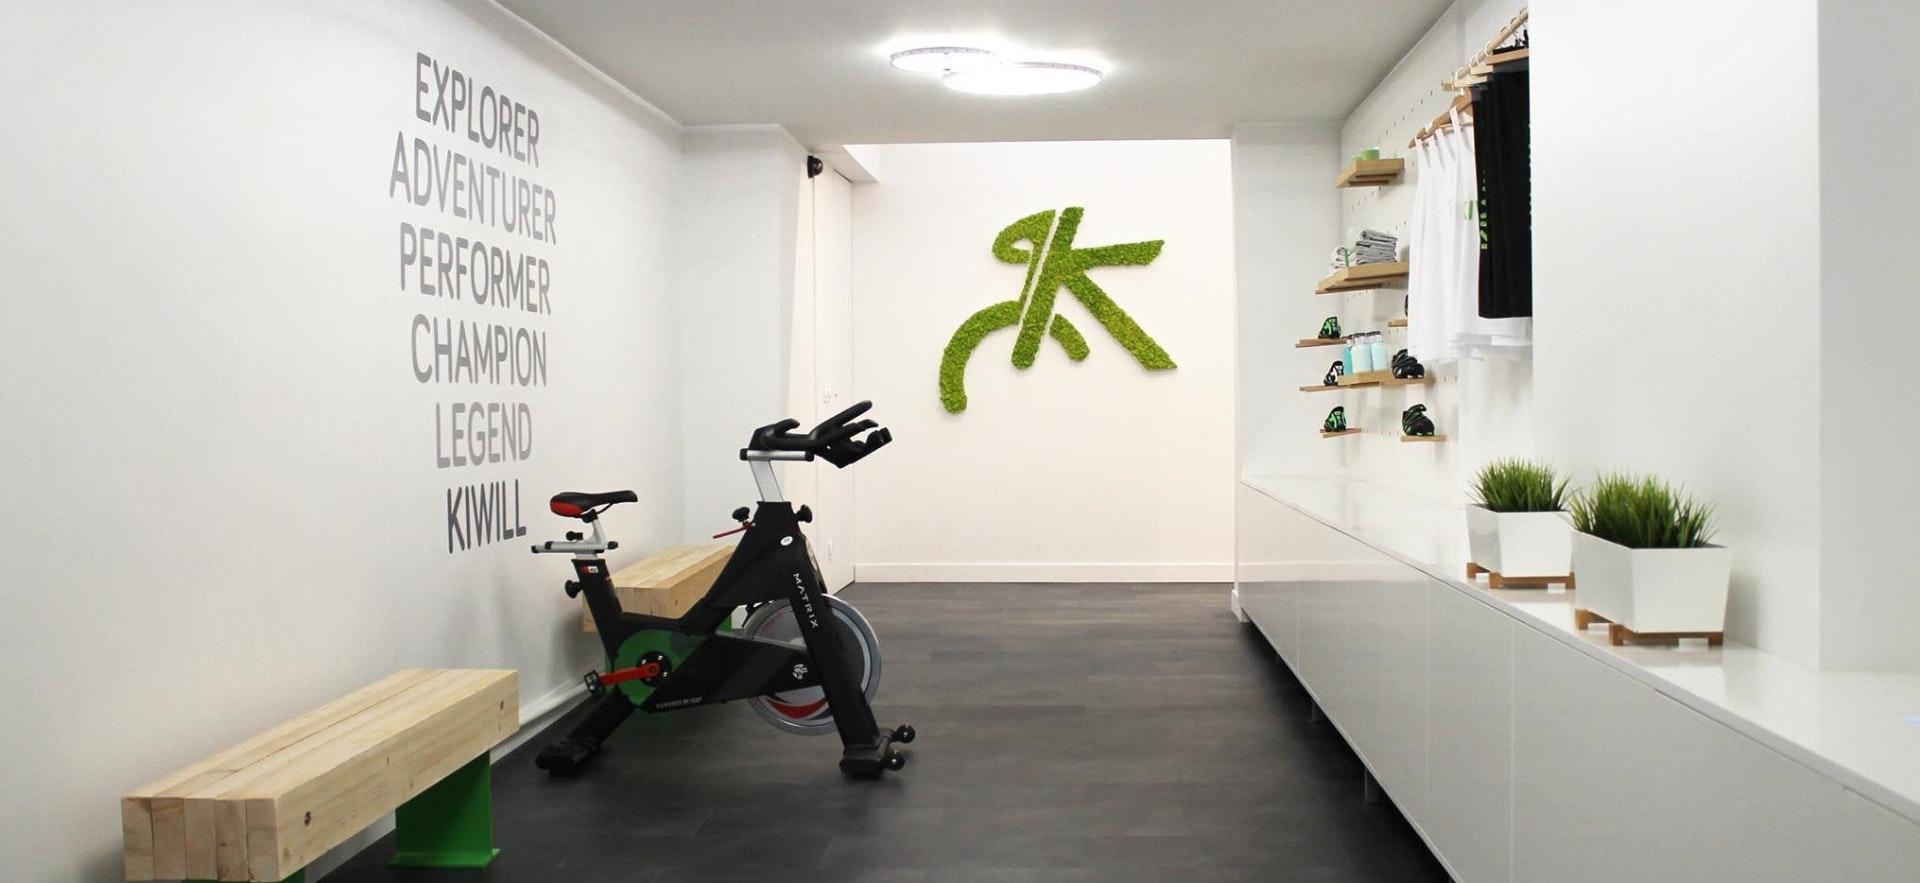 Photo 0 Les meilleurs tarifs  et activités pour le centre Kiwill Paris